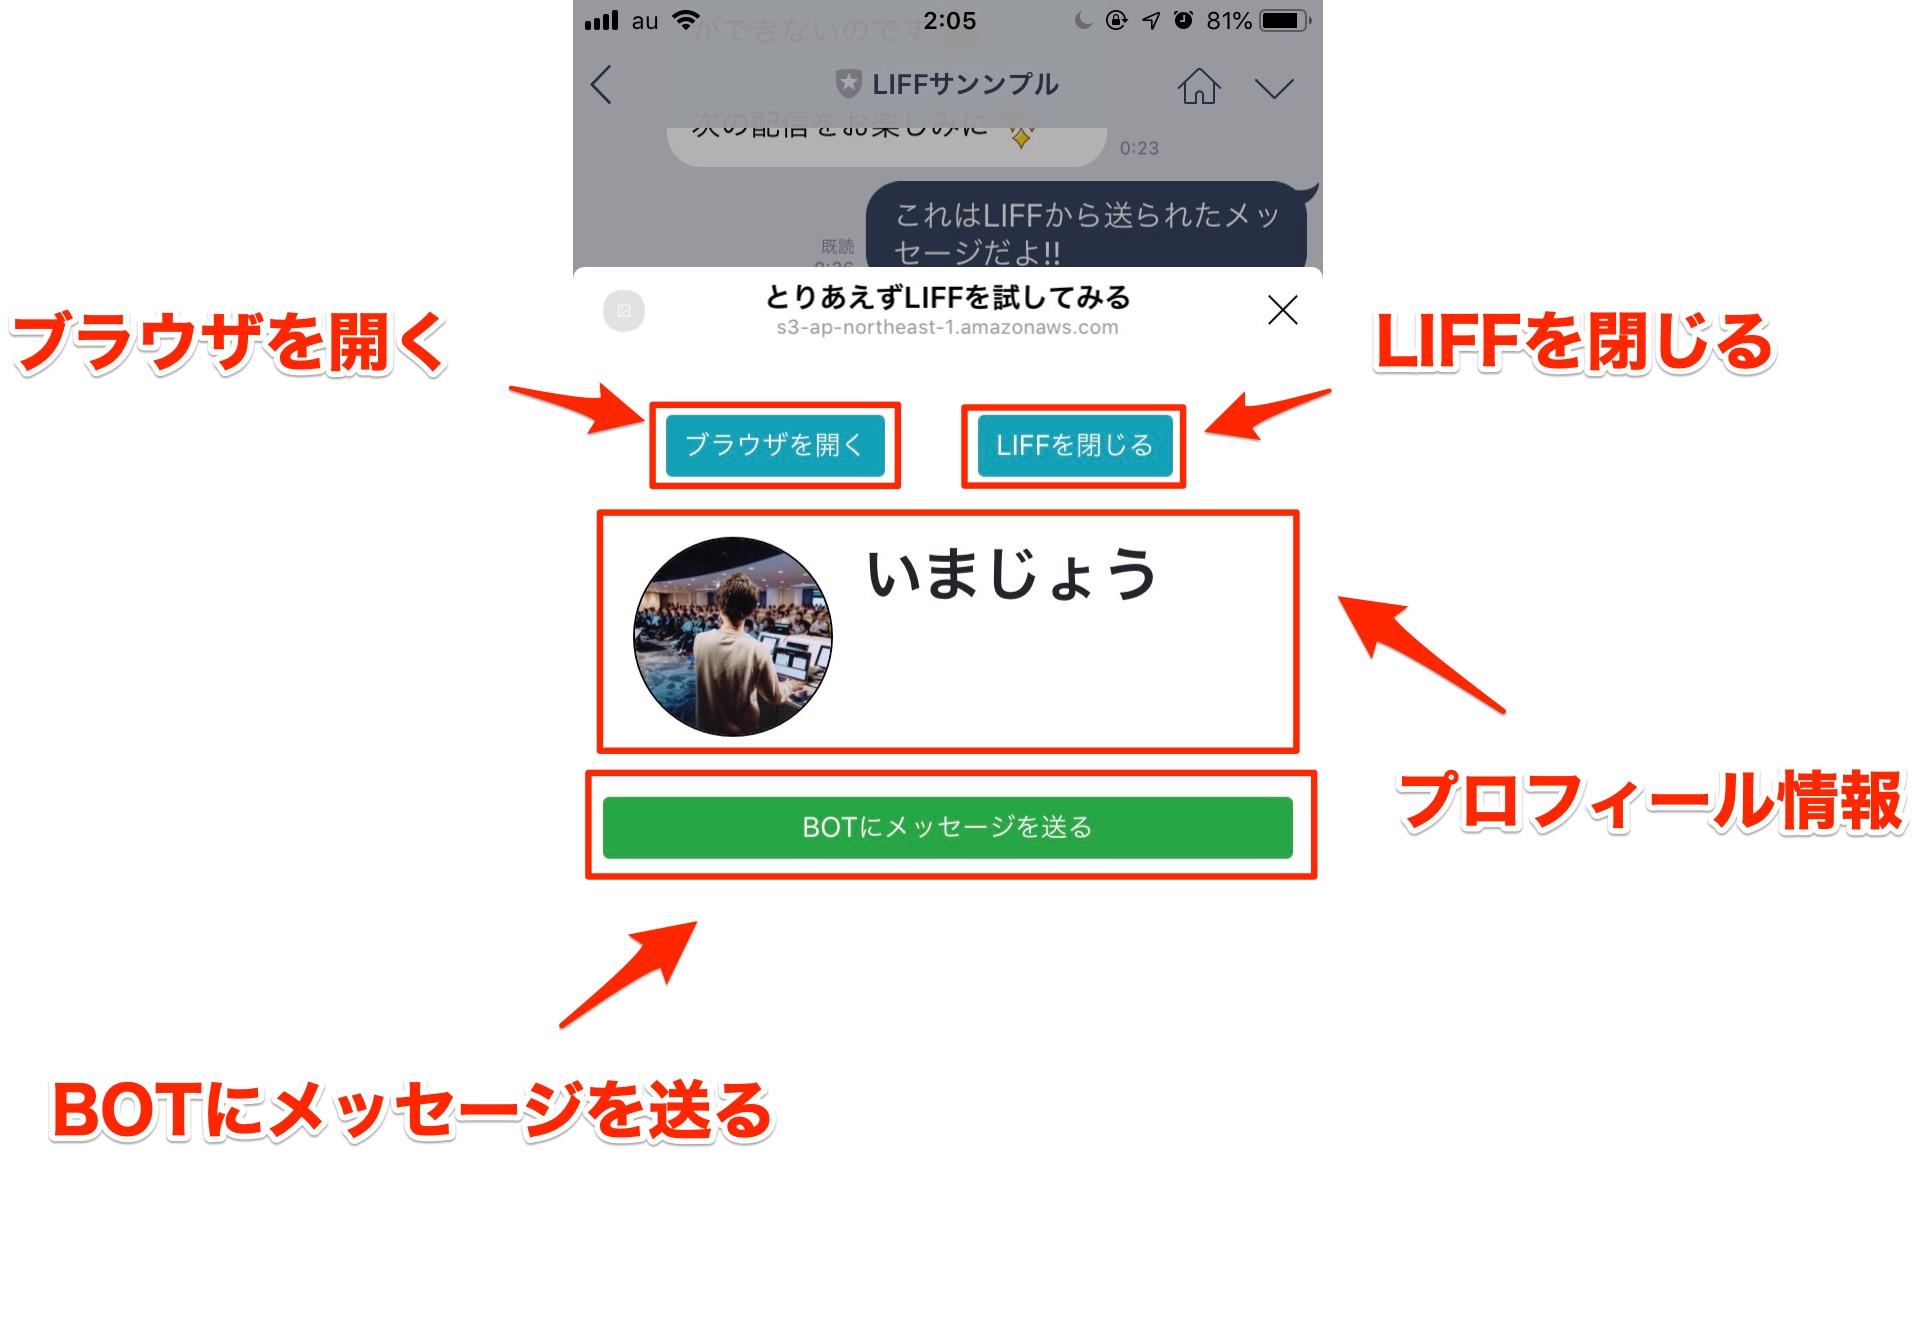 IMG_9A1EBA58C141-1.jpg